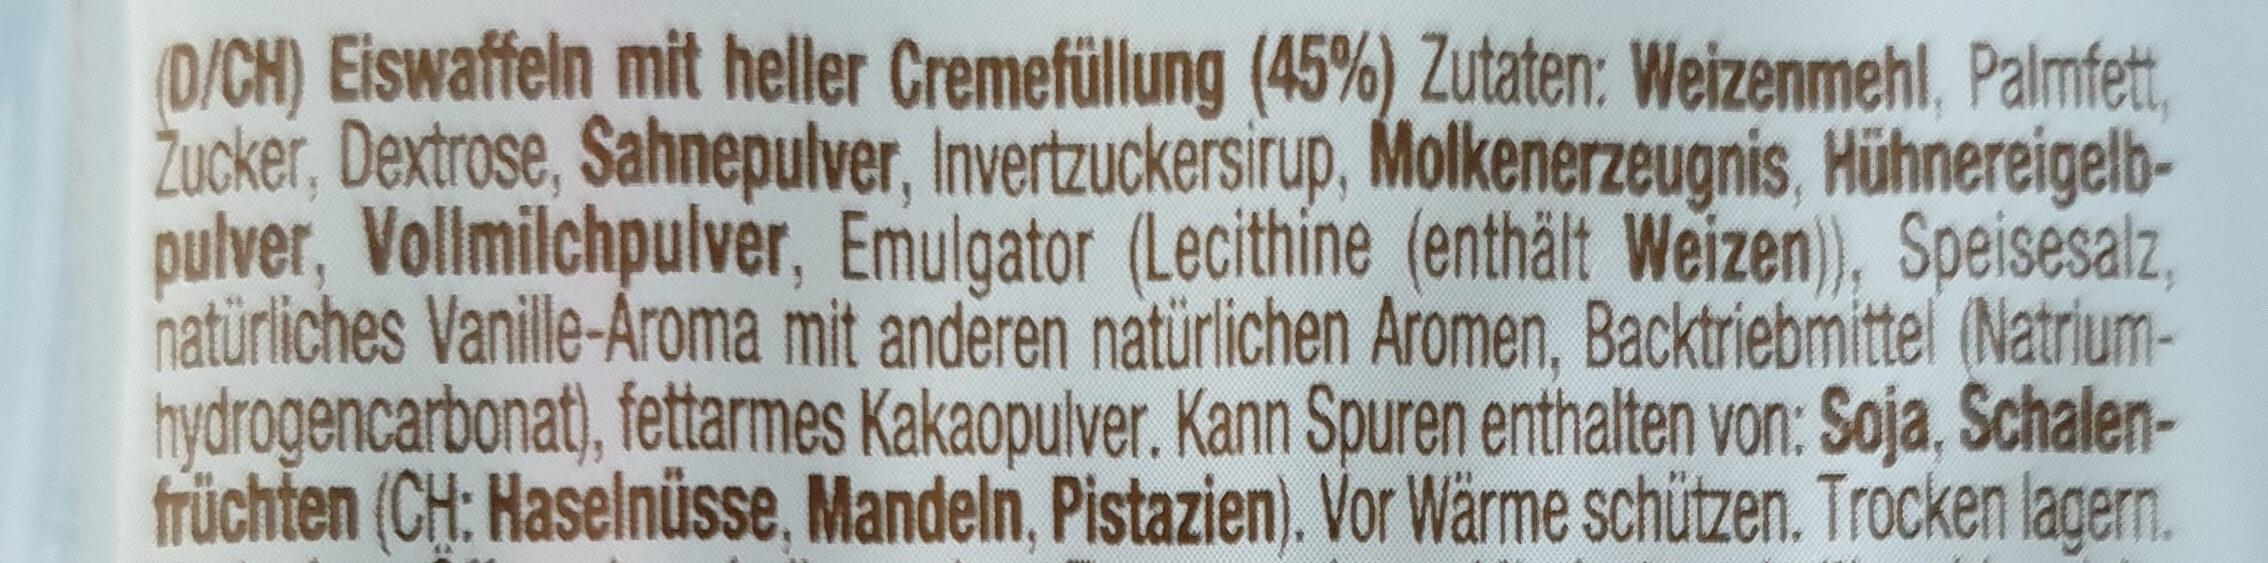 Eiswaffeln - Zutaten - de